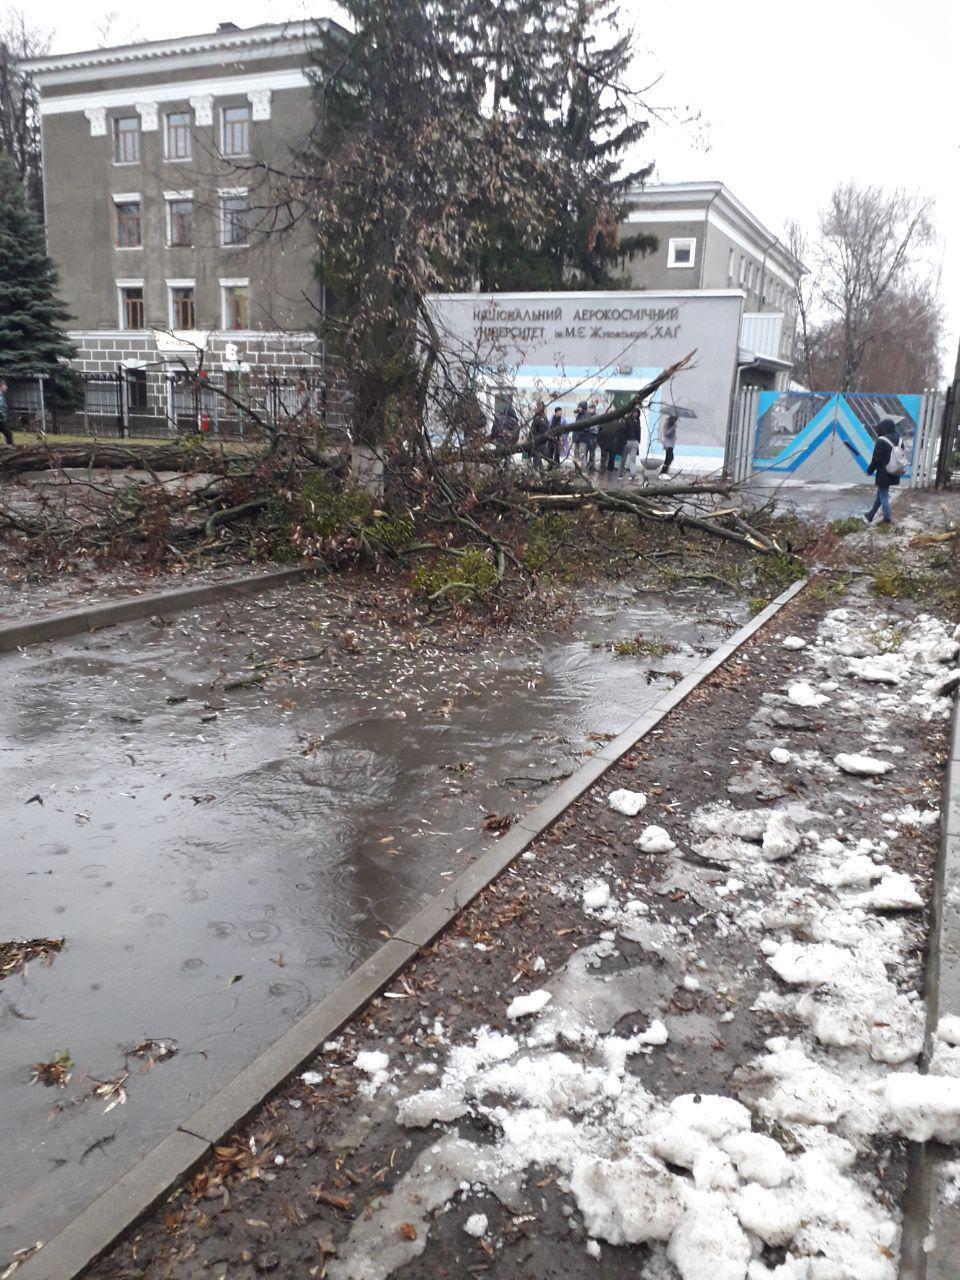 Ураган в Харькове: повалены деревья и торговые палатки (видео)